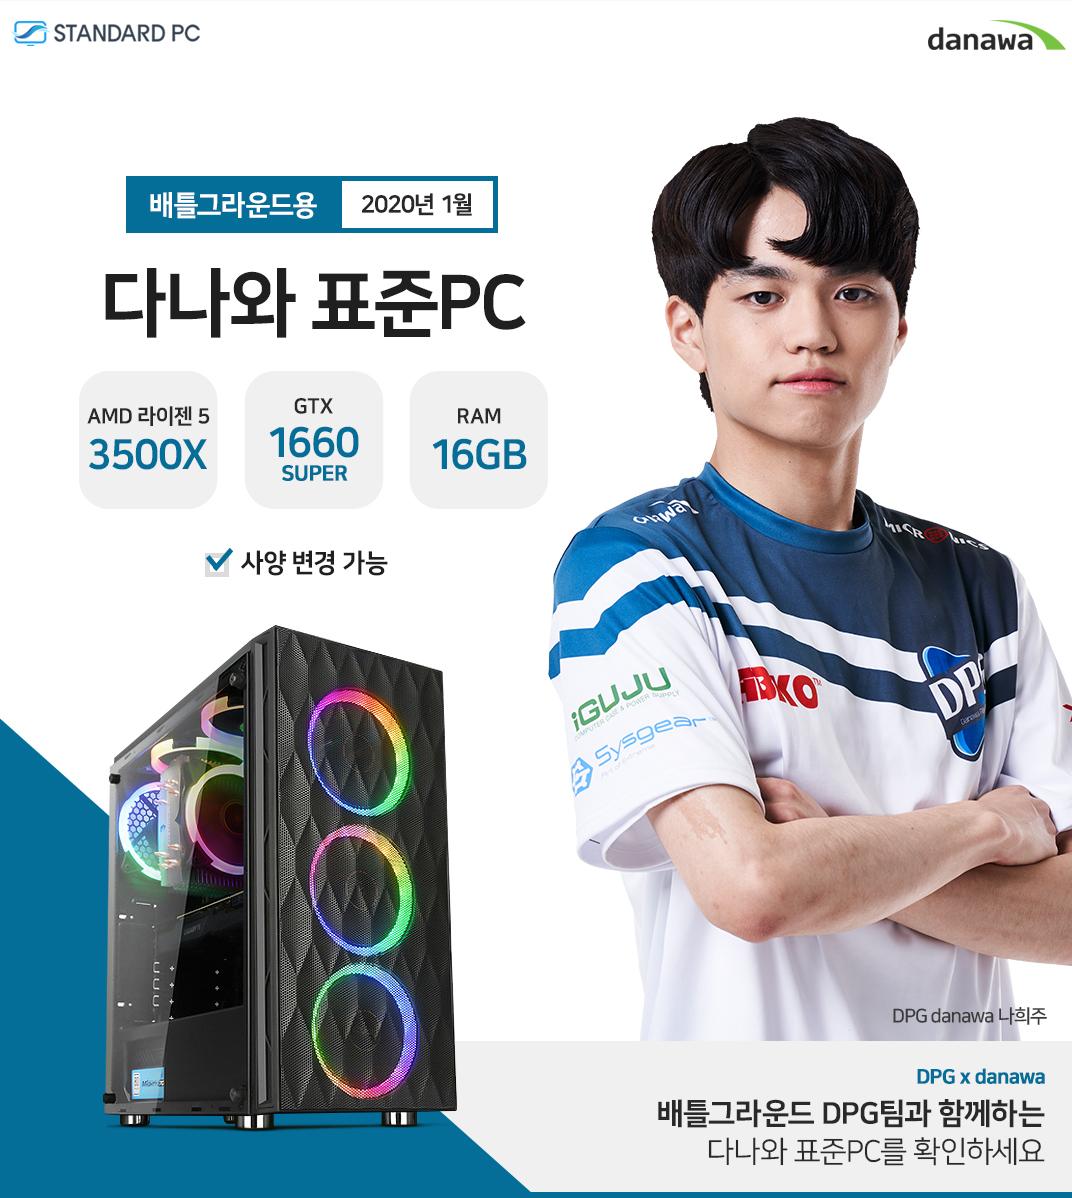 2020년 01월 다나와 표준PC 배틀그라운드용 AMD 라이젠 5 3500X GTX 1660 SUPER RAM 16G 모델 김다운